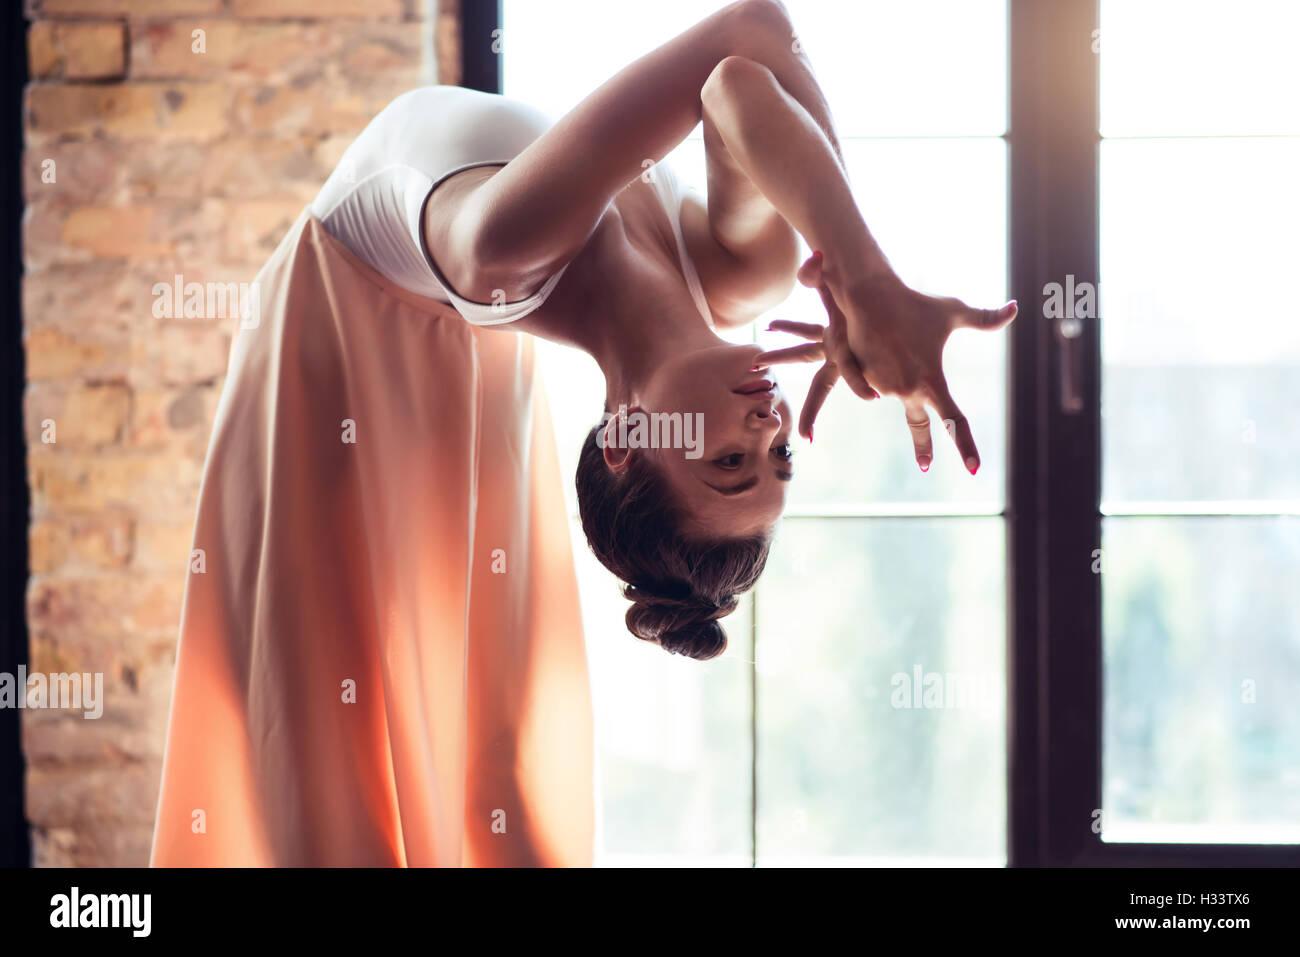 Fiducioso ballerino femmina flessione all'indietro Immagini Stock